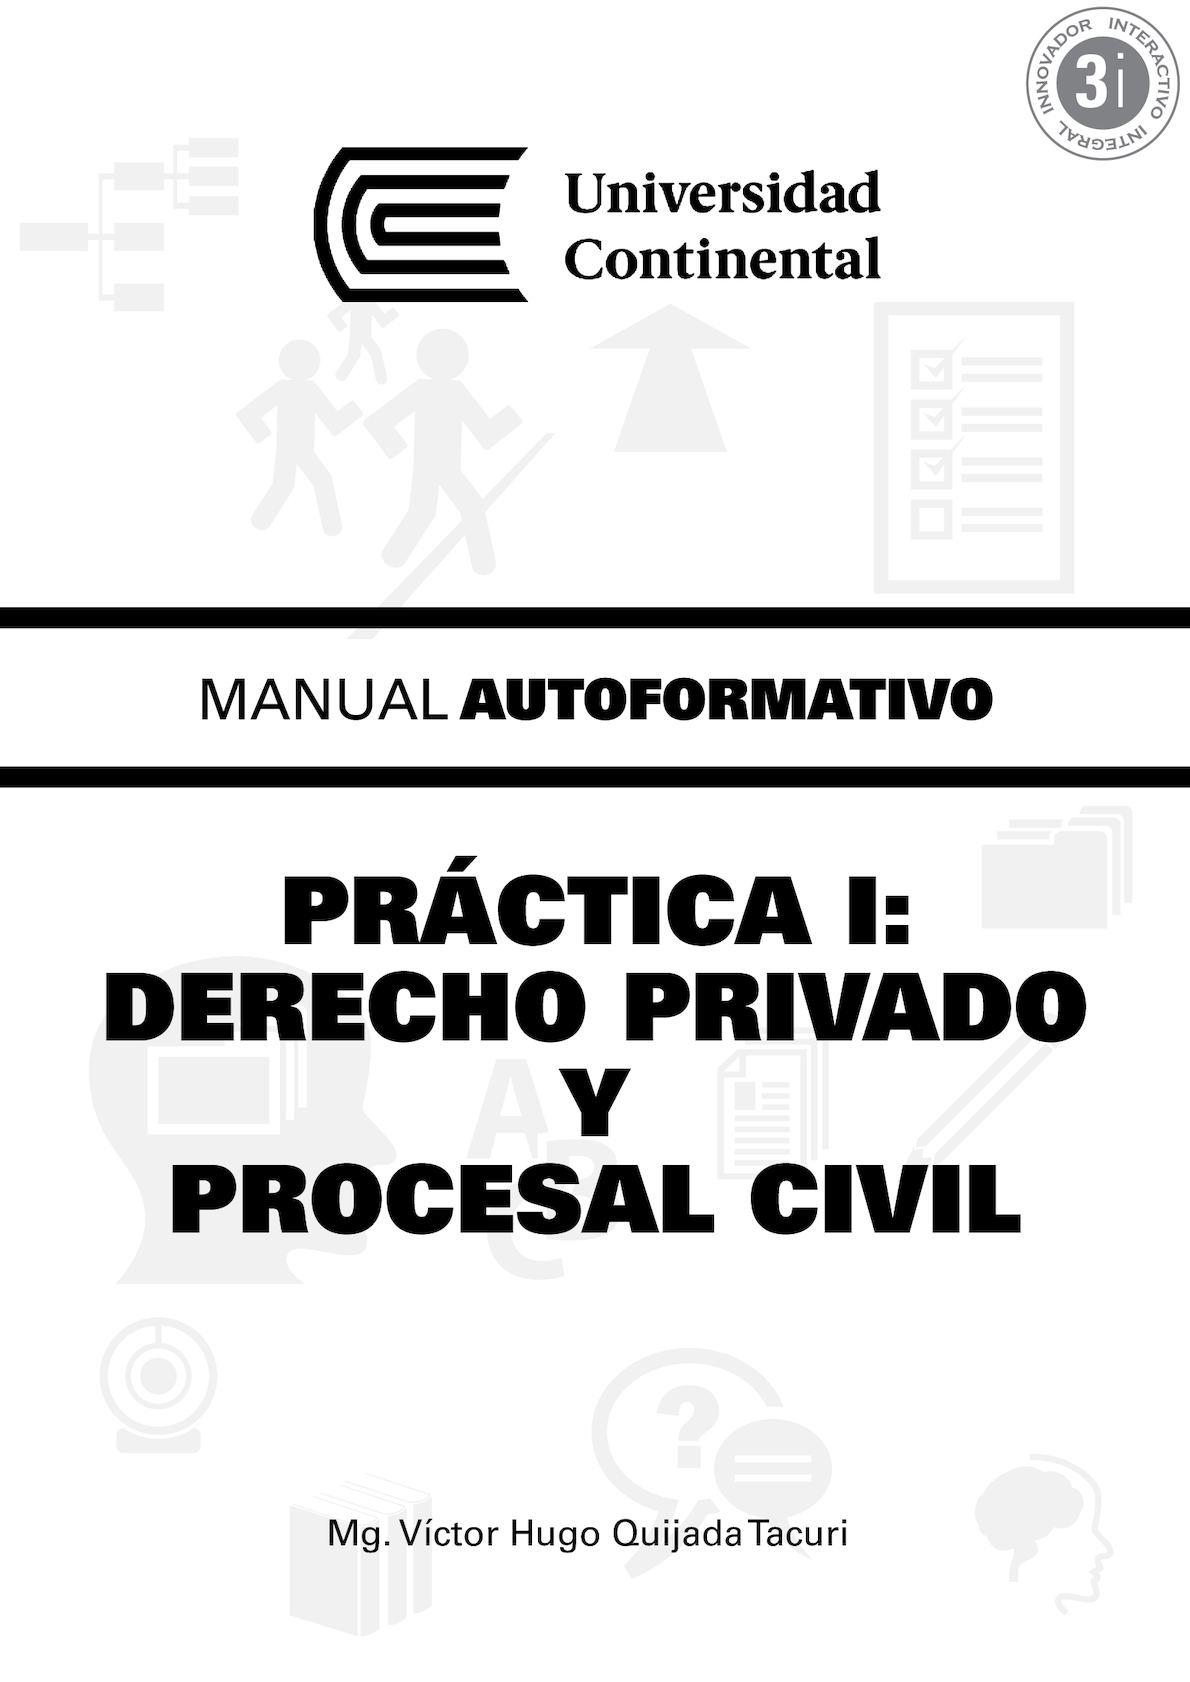 Calaméo - Practica I Derecho Privado Y Procesal Civil A0354